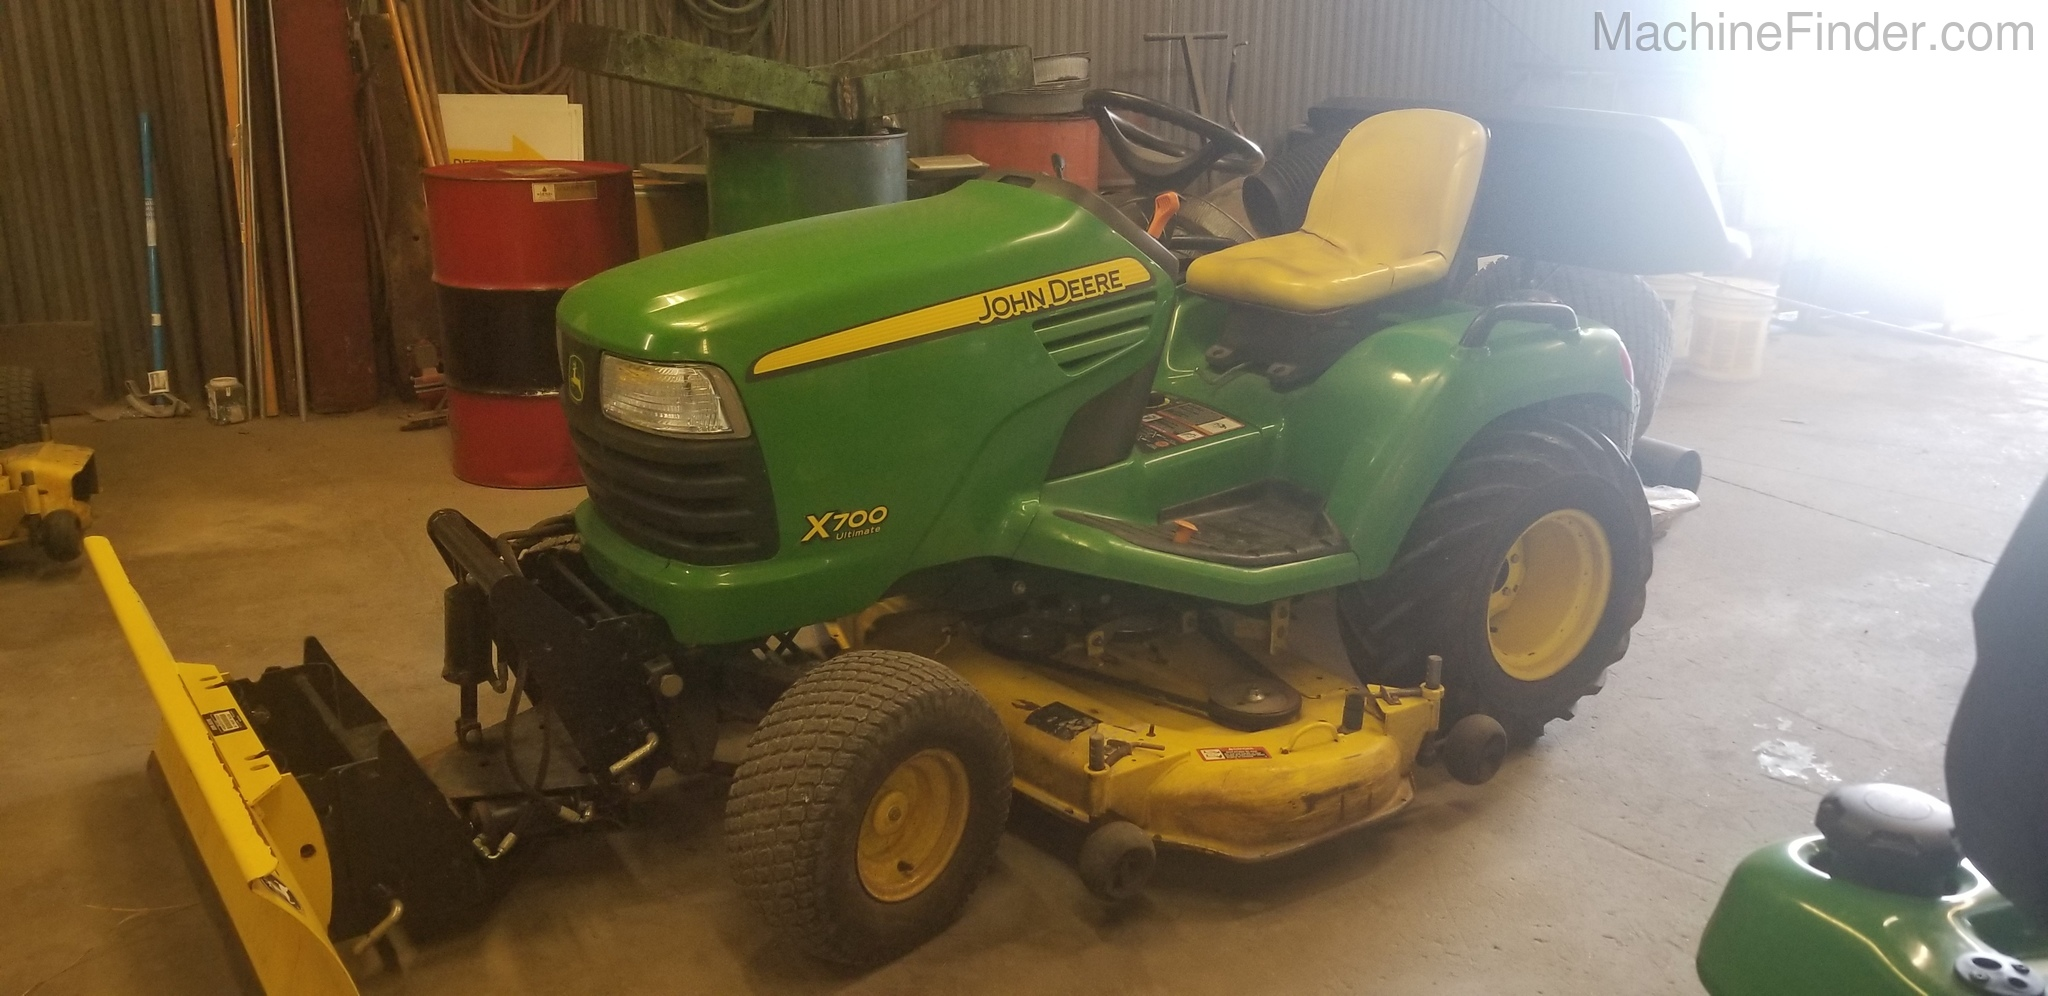 John Deere X700 - Lawn & Garden Tractors - John Deere MachineFinder